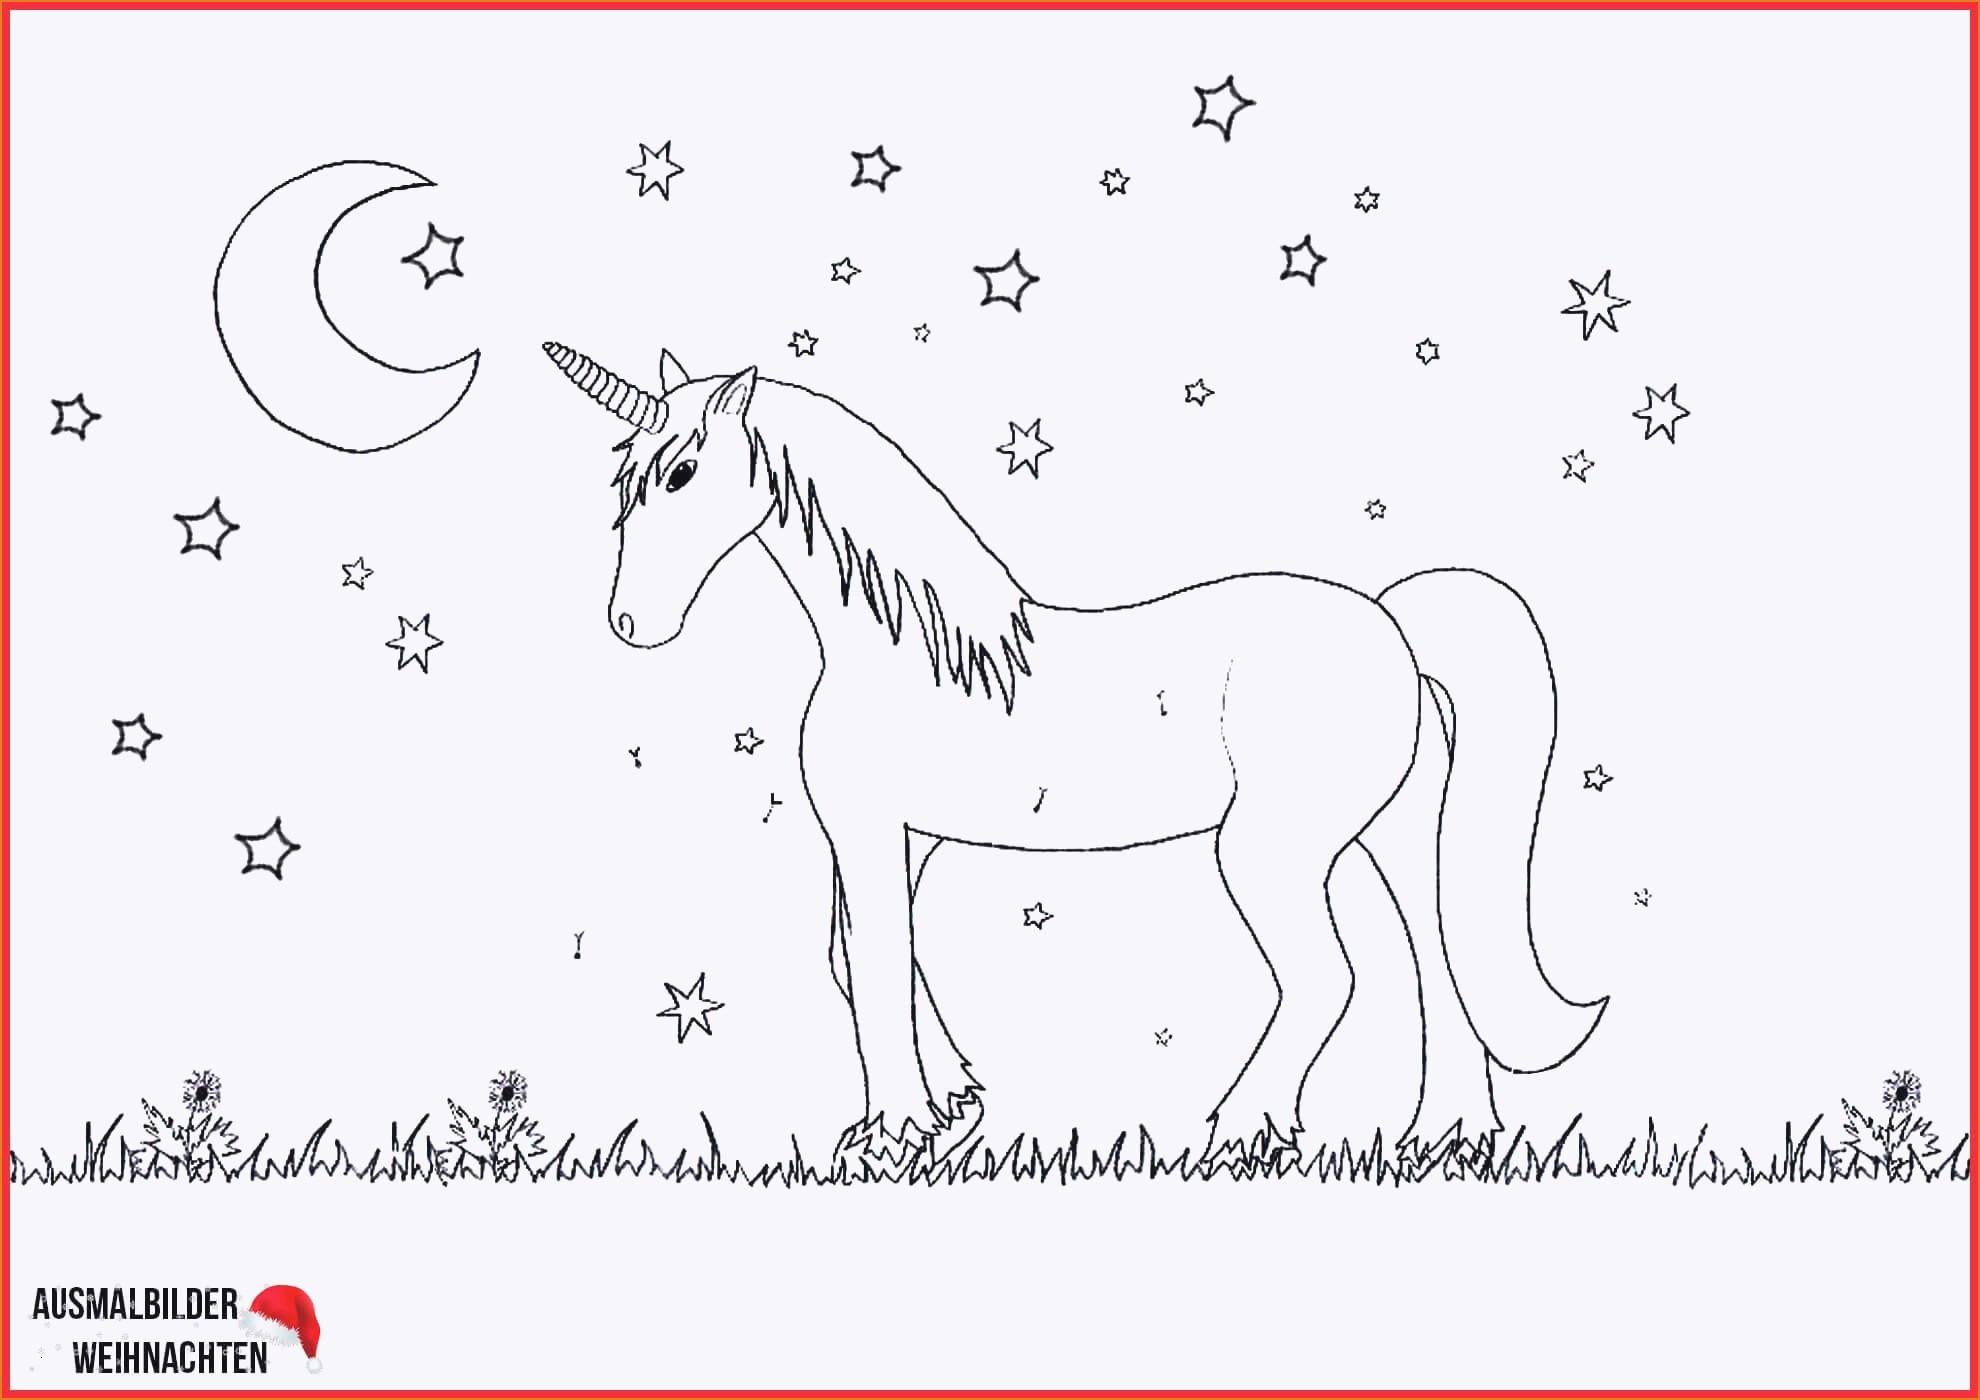 Pferde Bilder Zum Ausdrucken Genial Malvorlagen Igel Best Igel Grundschule 0d Archives Uploadertalk Galerie